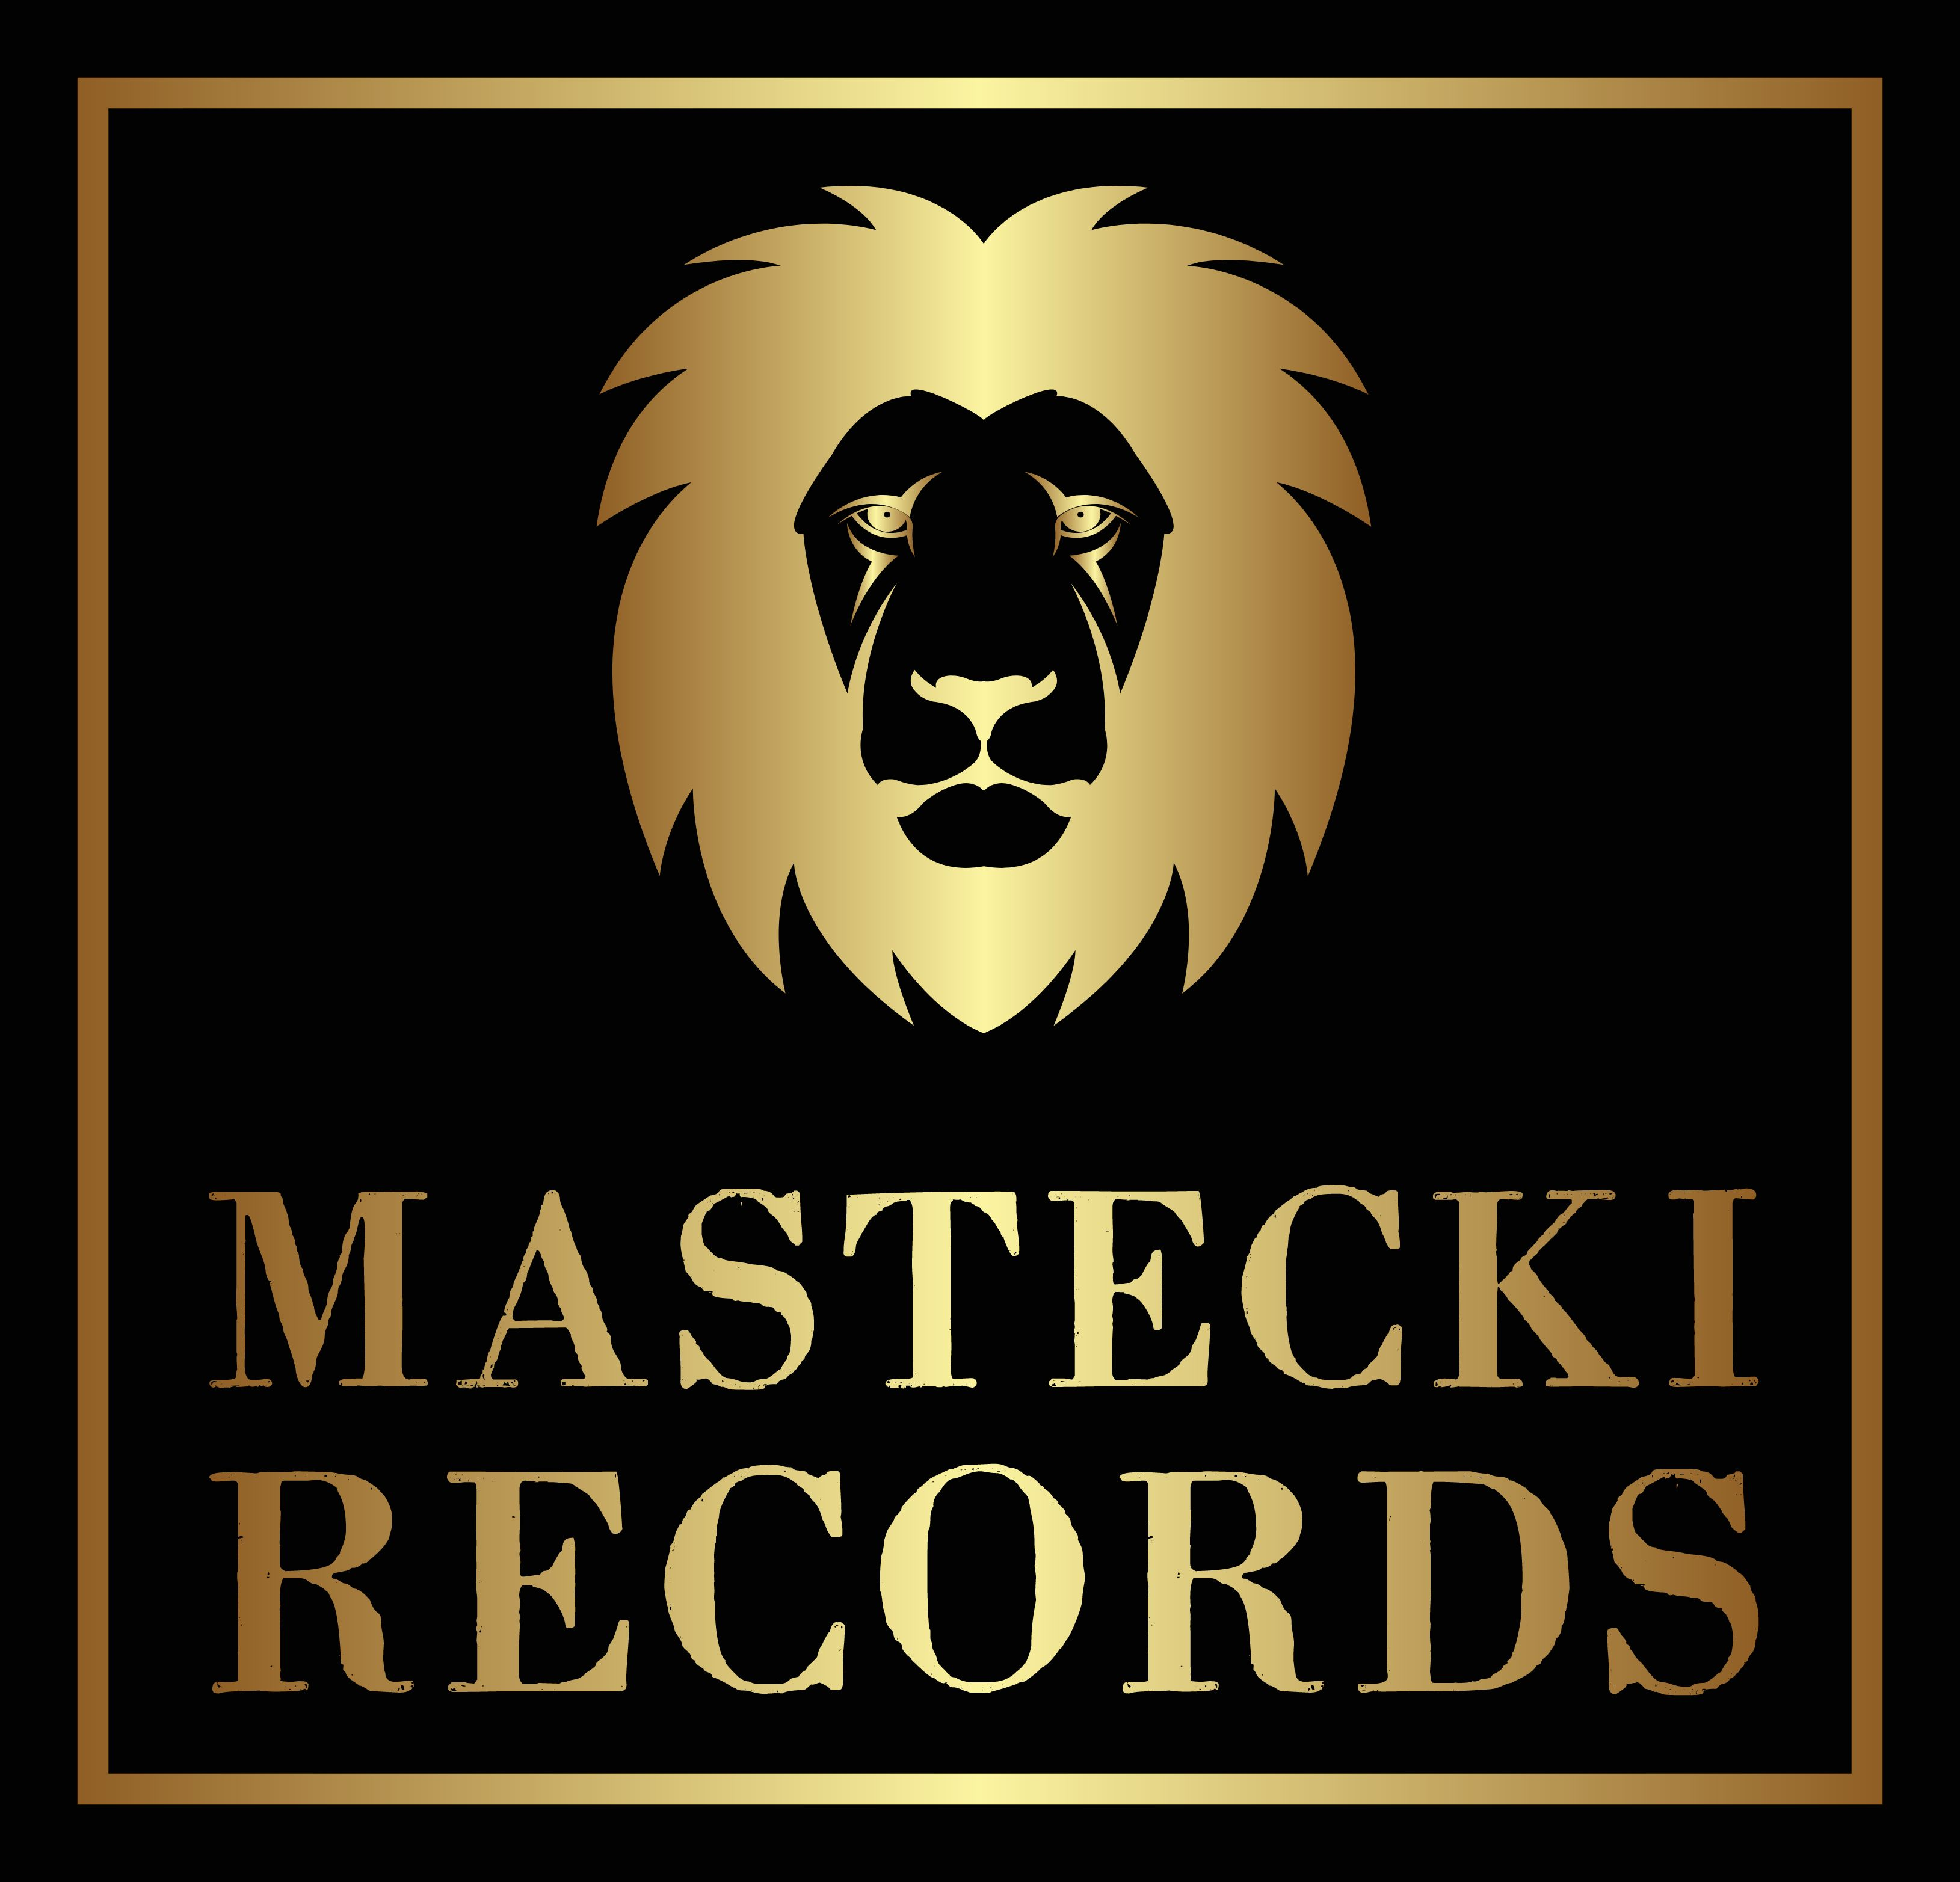 Mastecki Records